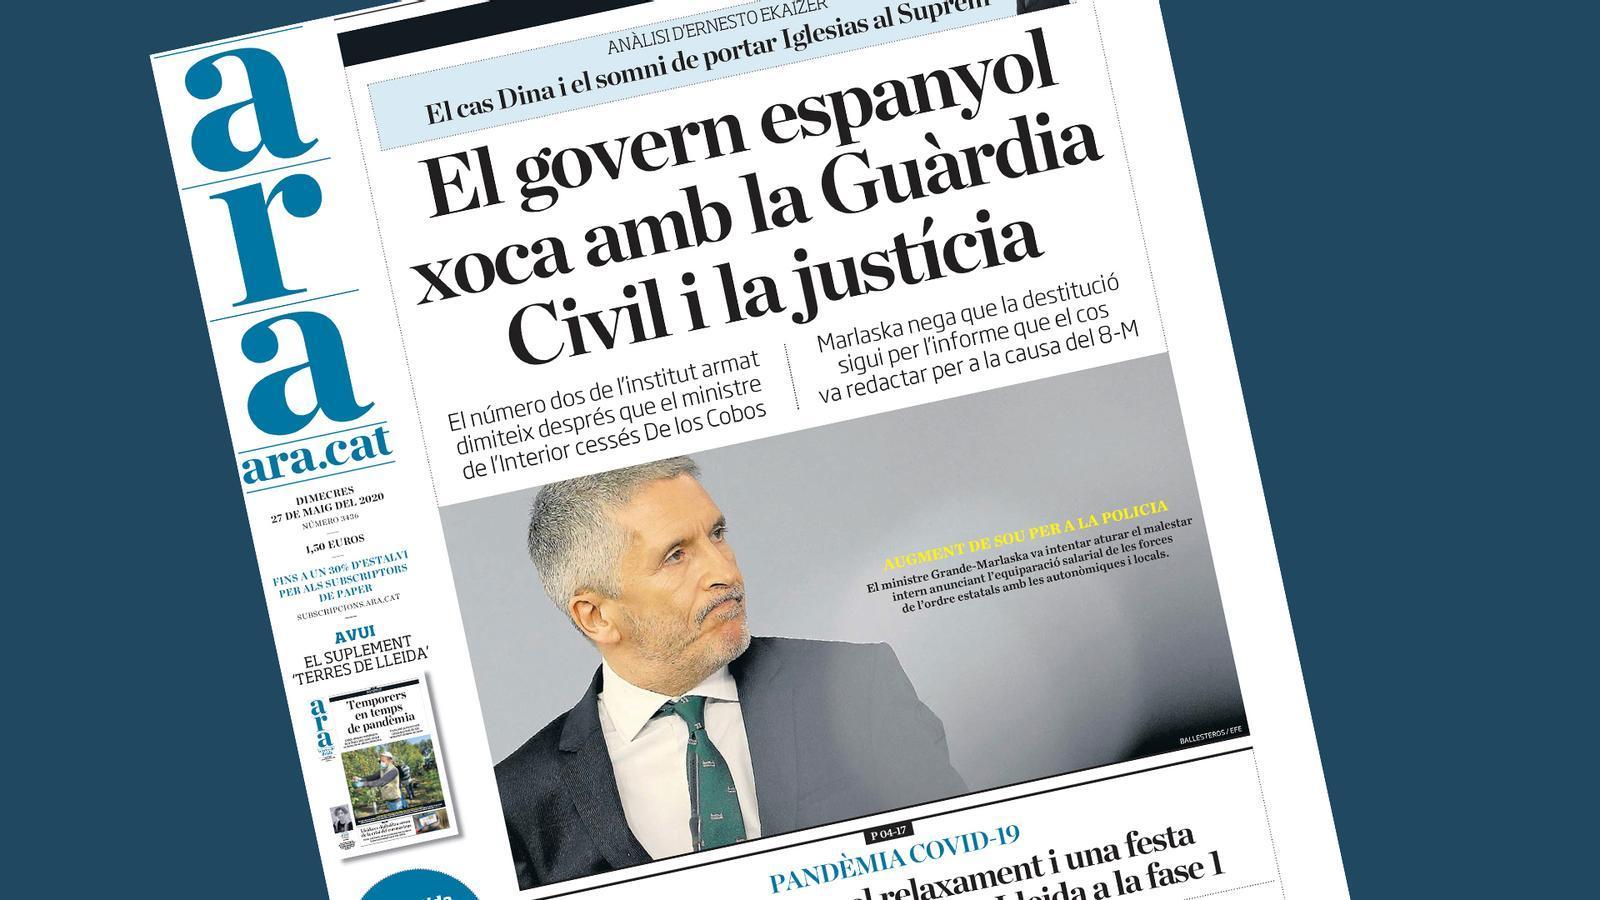 Topada del govern espanyol amb la Guàrdia Civil, Brussel·les presenta el pla de rescat i els EUA arribaran avui als 100.000 morts: les claus del dia, amb Antoni Bassas (27/05/2020)